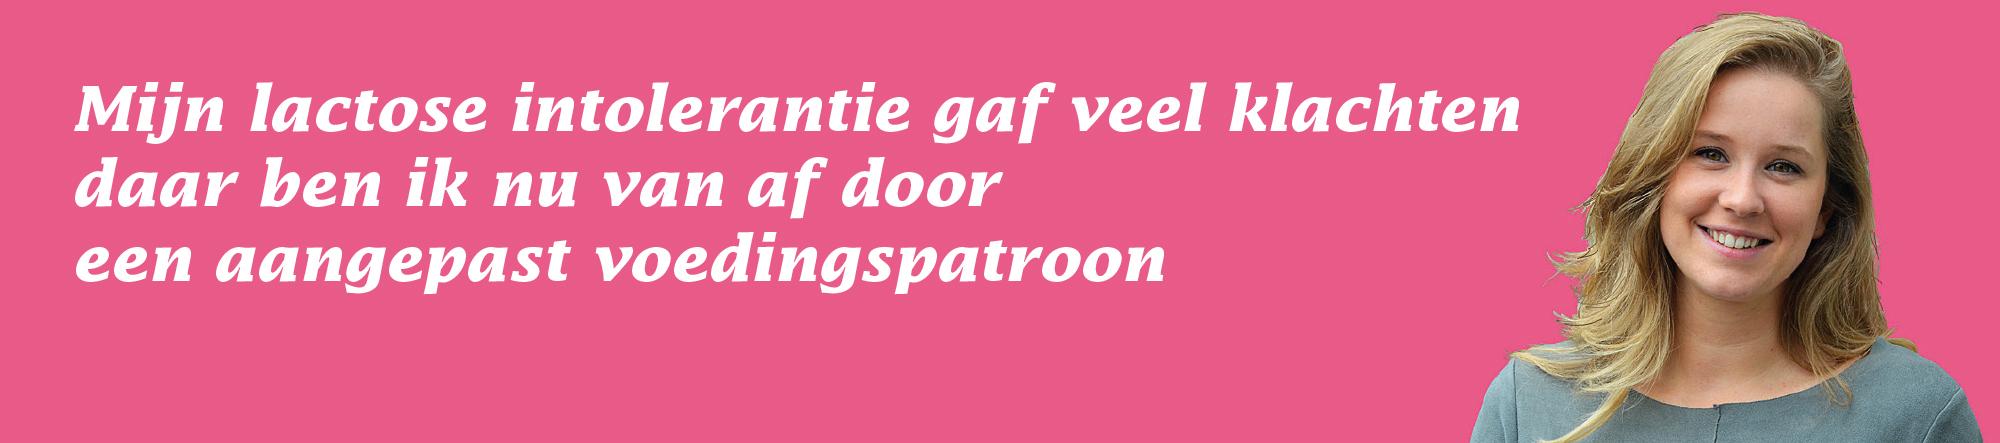 https://de-dietist.nl/wp-content/uploads/2016/09/de-dietist-quote-sofieke.jpg